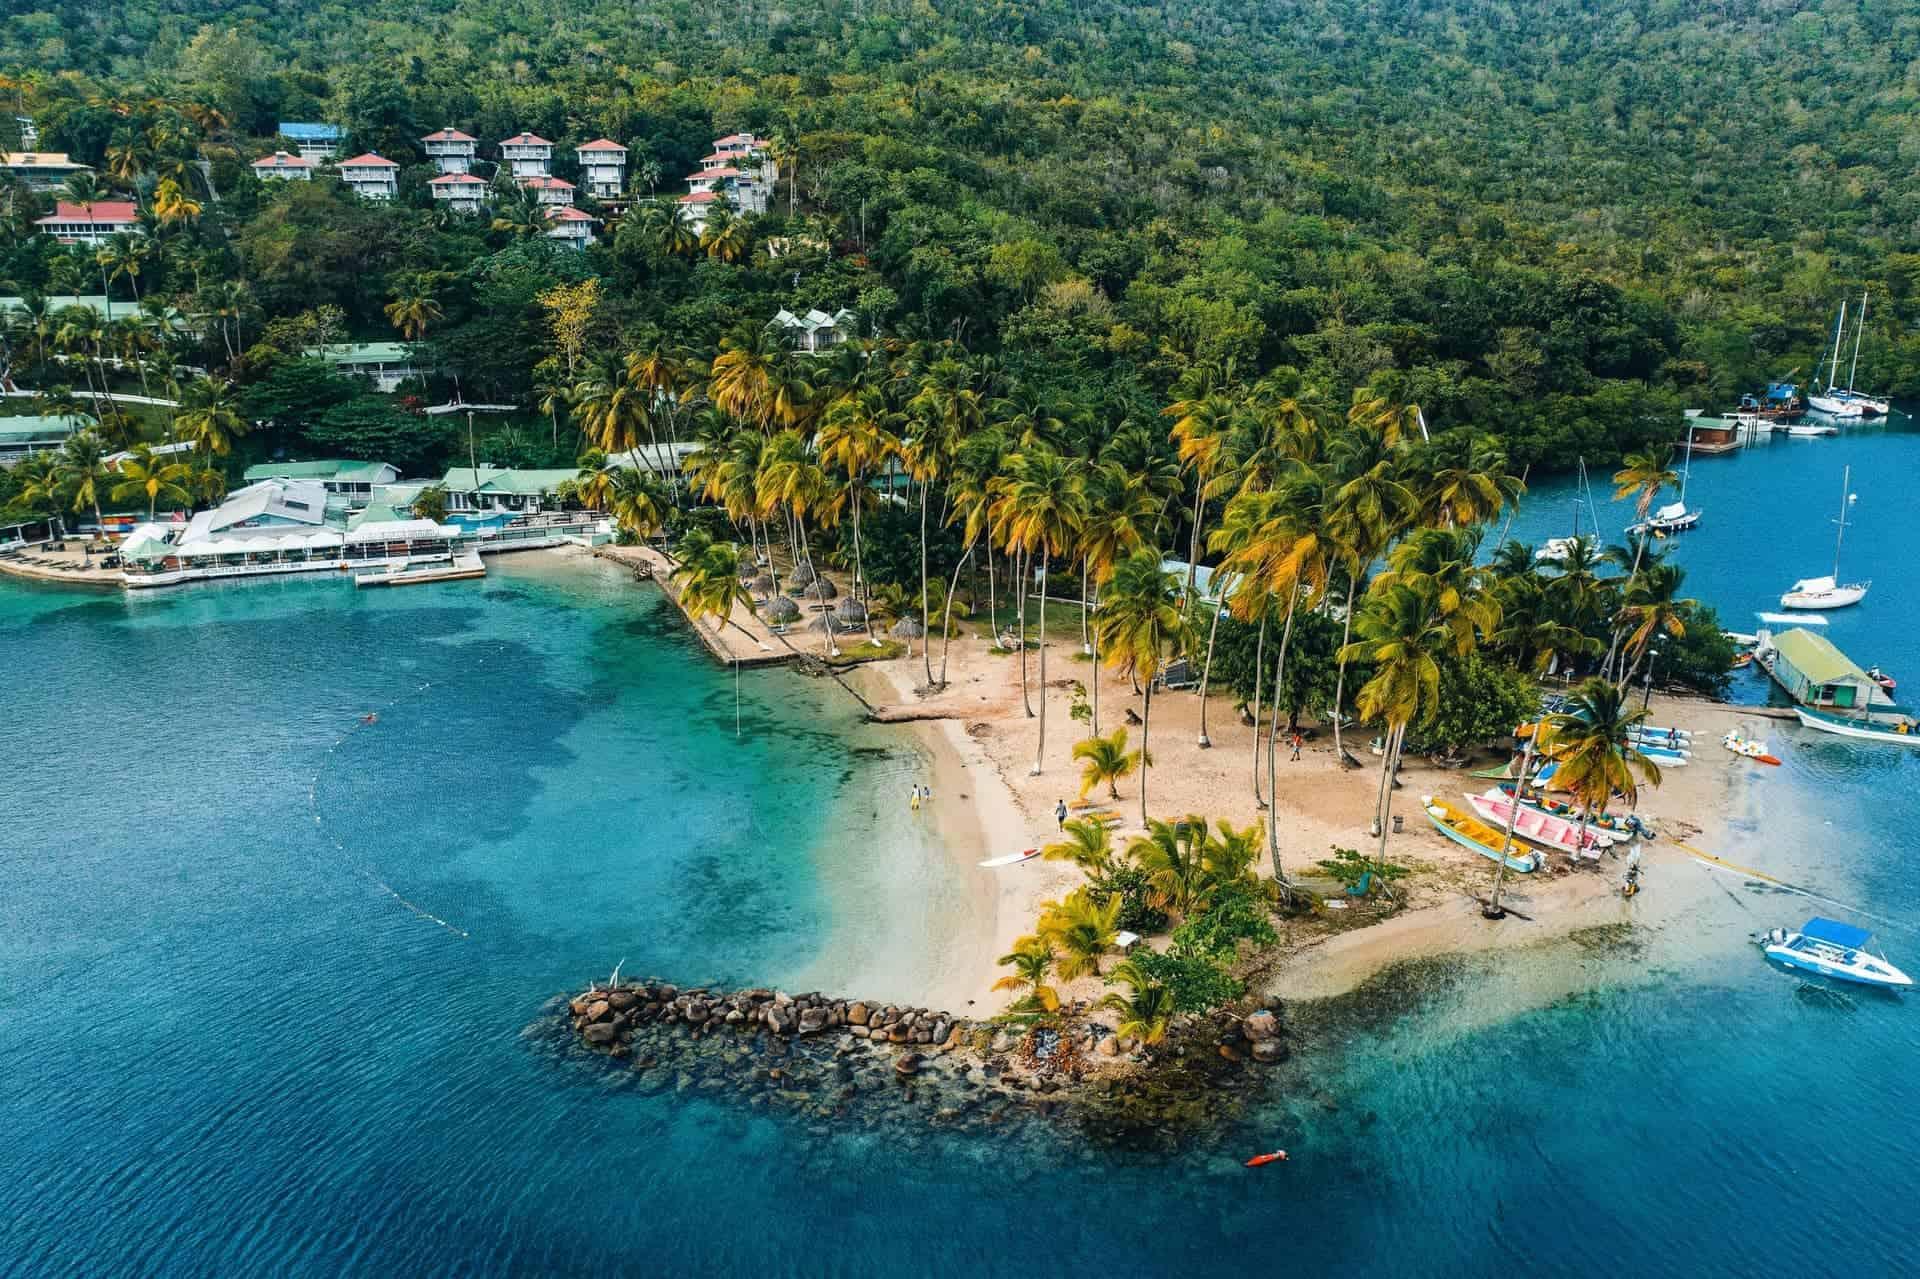 La isla de Santa Lucía ofrece más libertades de viaje para las personas vacunadas contra el COVID-19